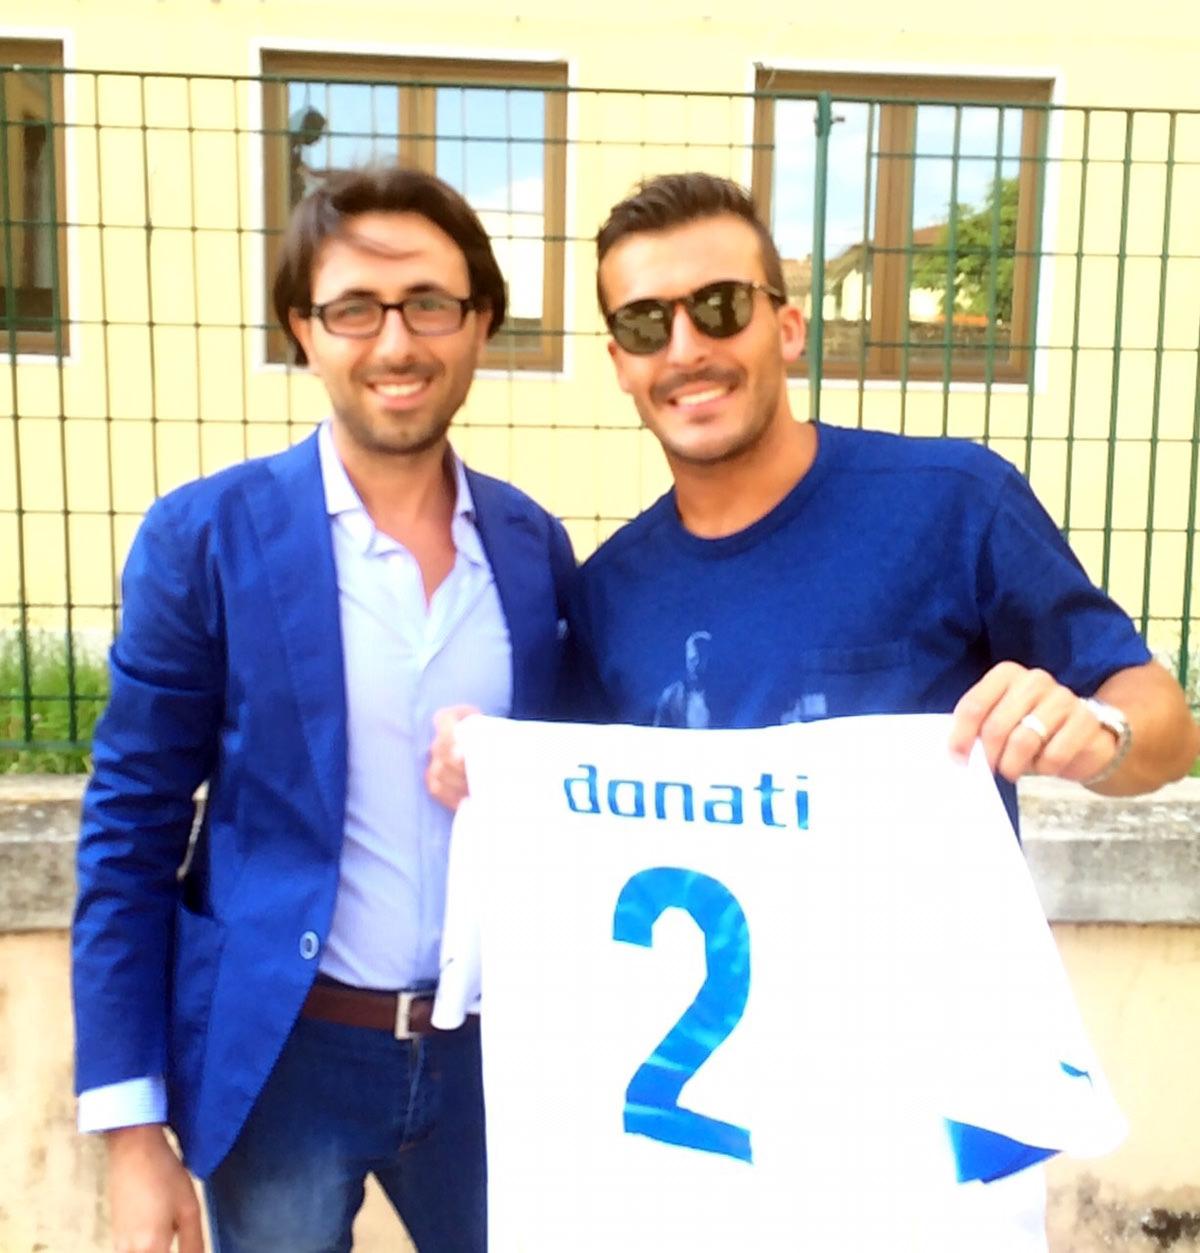 """Donati: """"Napoli, grazie per l'interesse. Ma io sto bene al Mainz"""""""